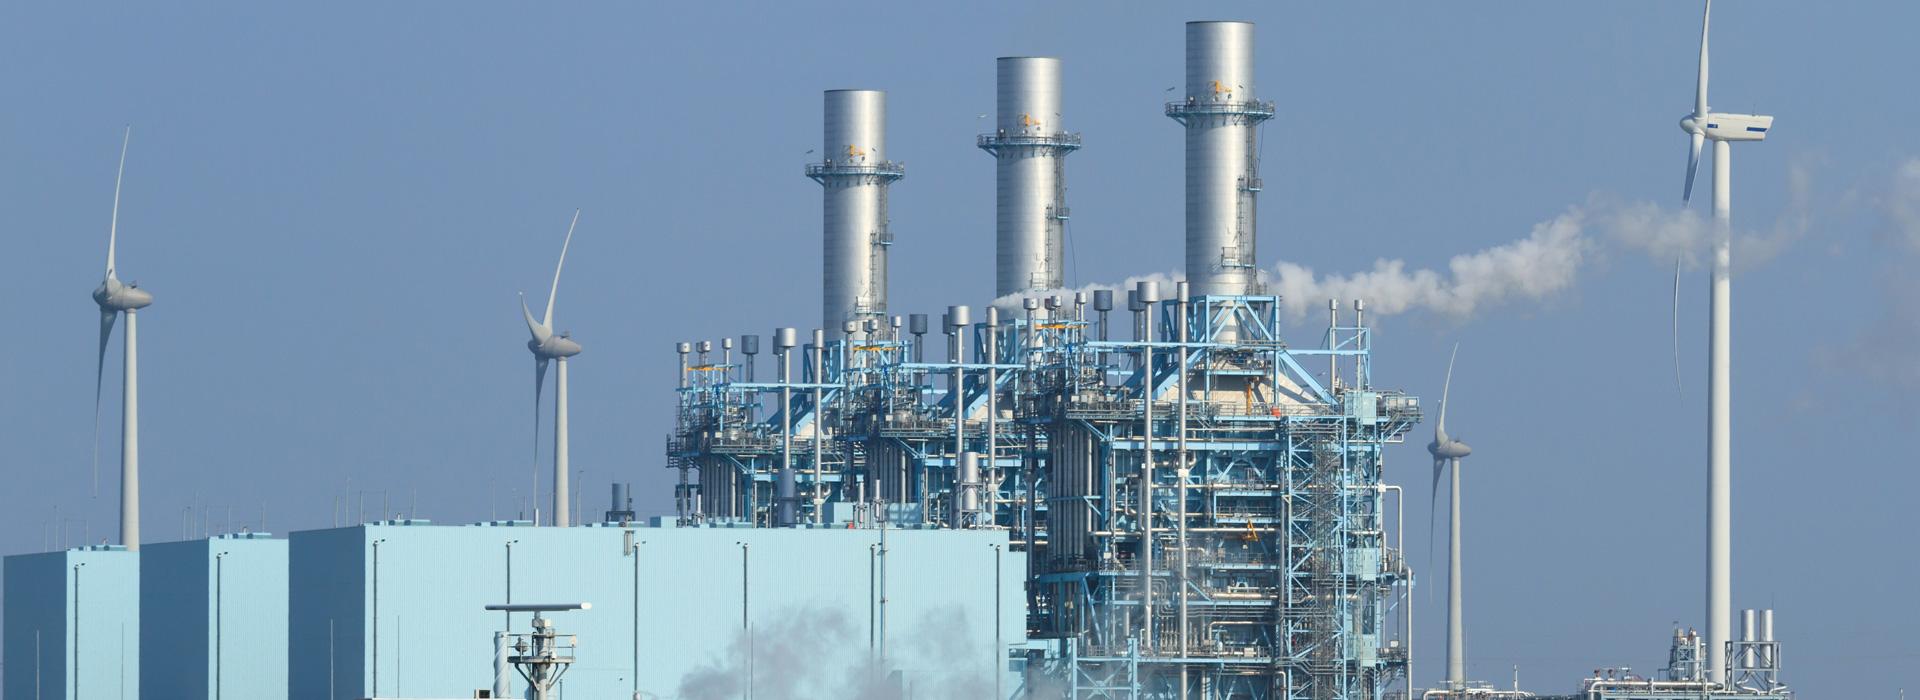 wind-turbines-gas-plant-1920x700